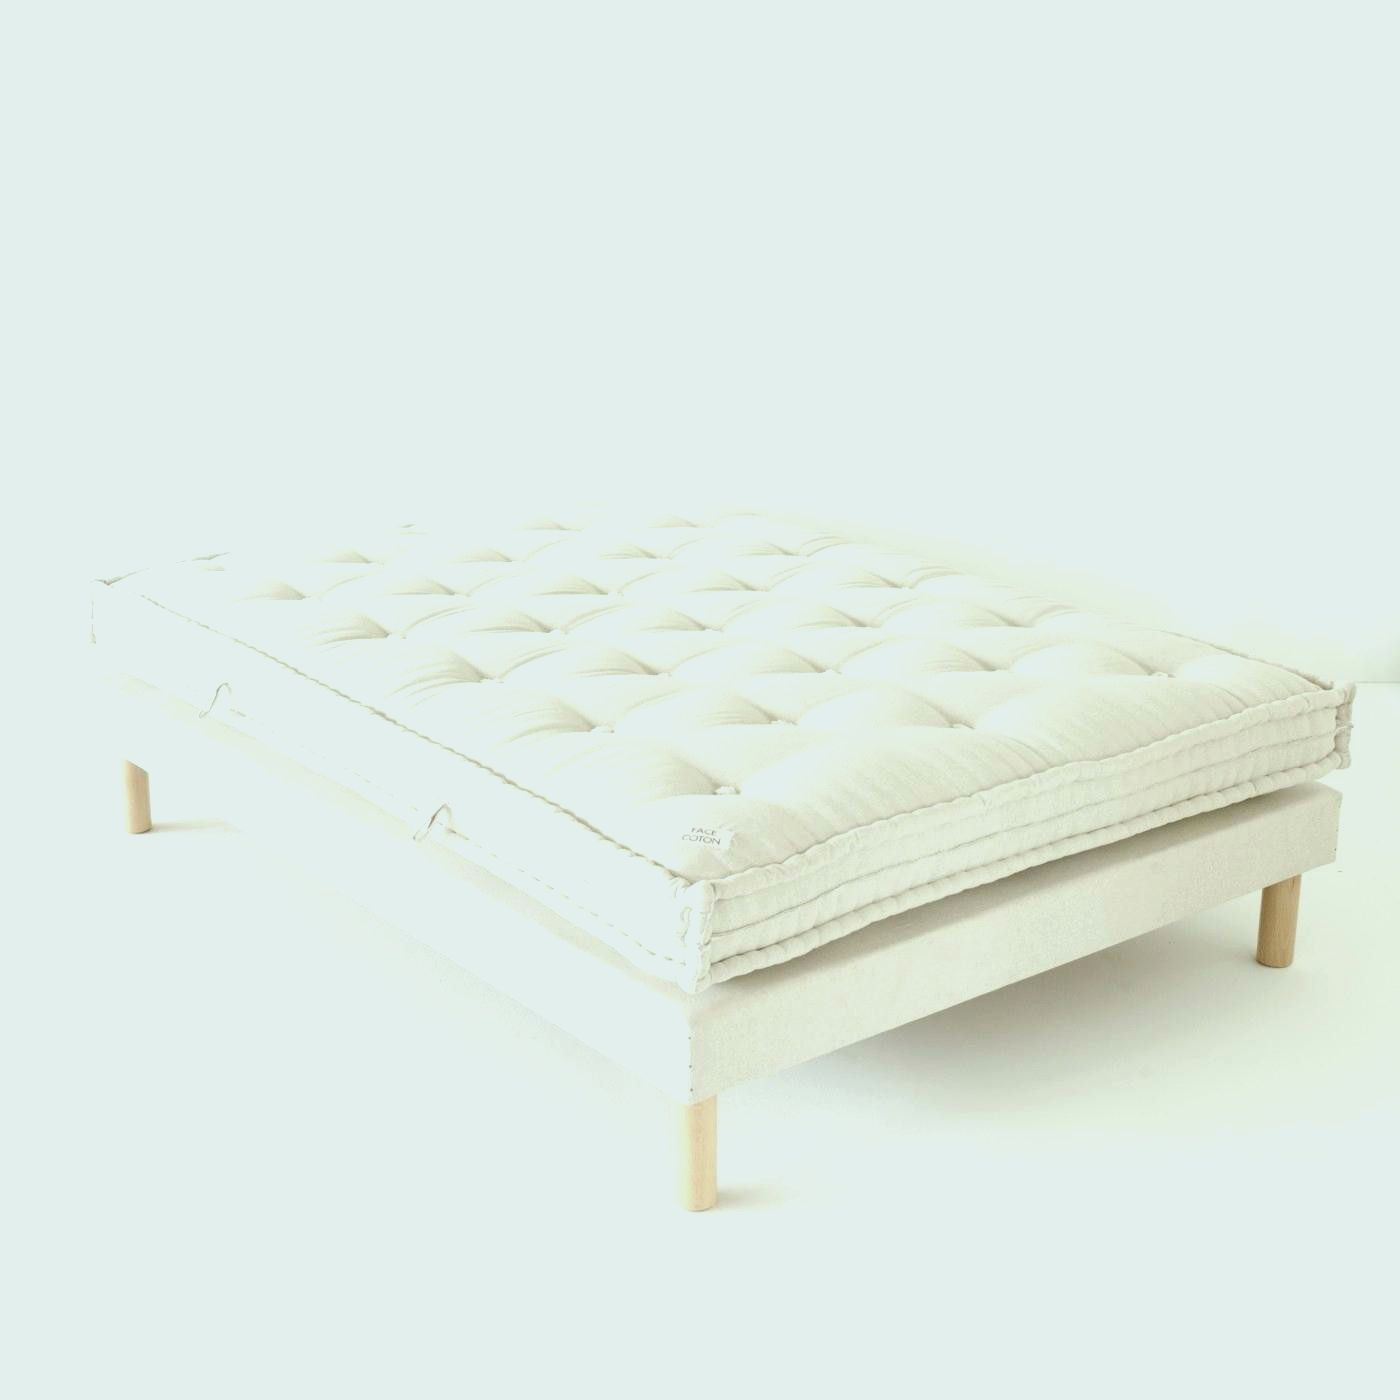 Canapé Ikea soderhamn Luxe Images Ikea Lit 2 Places 16 Deux Pas Cher New but Pliant Personne